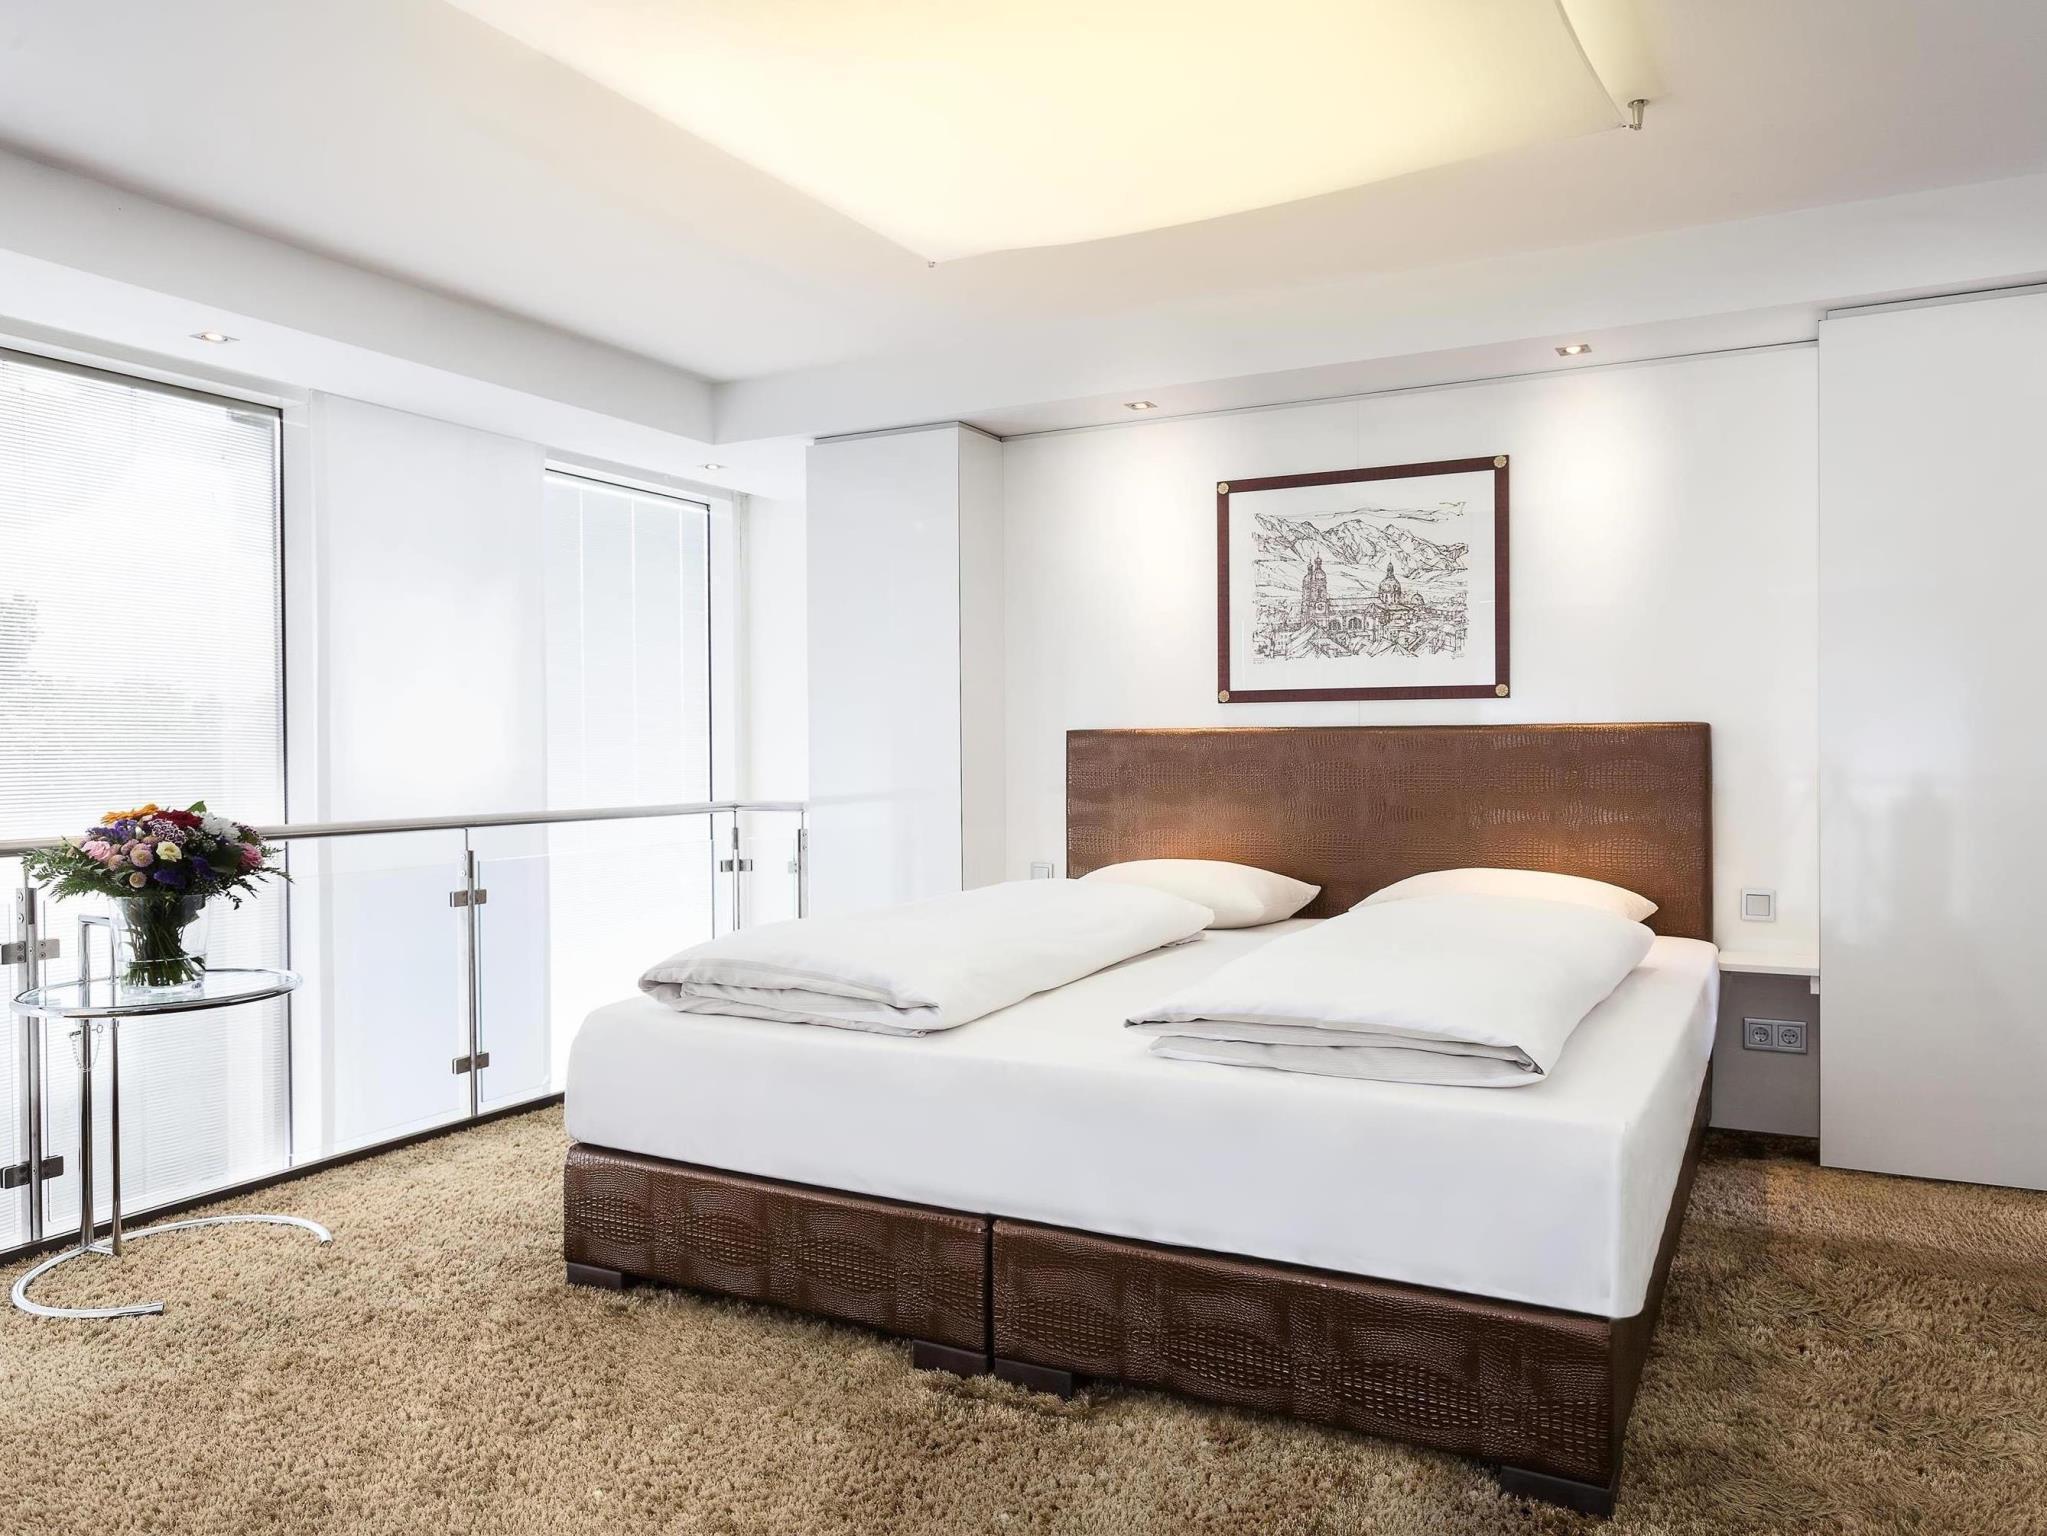 das derag livinghotel prinzessin elisabeth in m nchen buchen. Black Bedroom Furniture Sets. Home Design Ideas